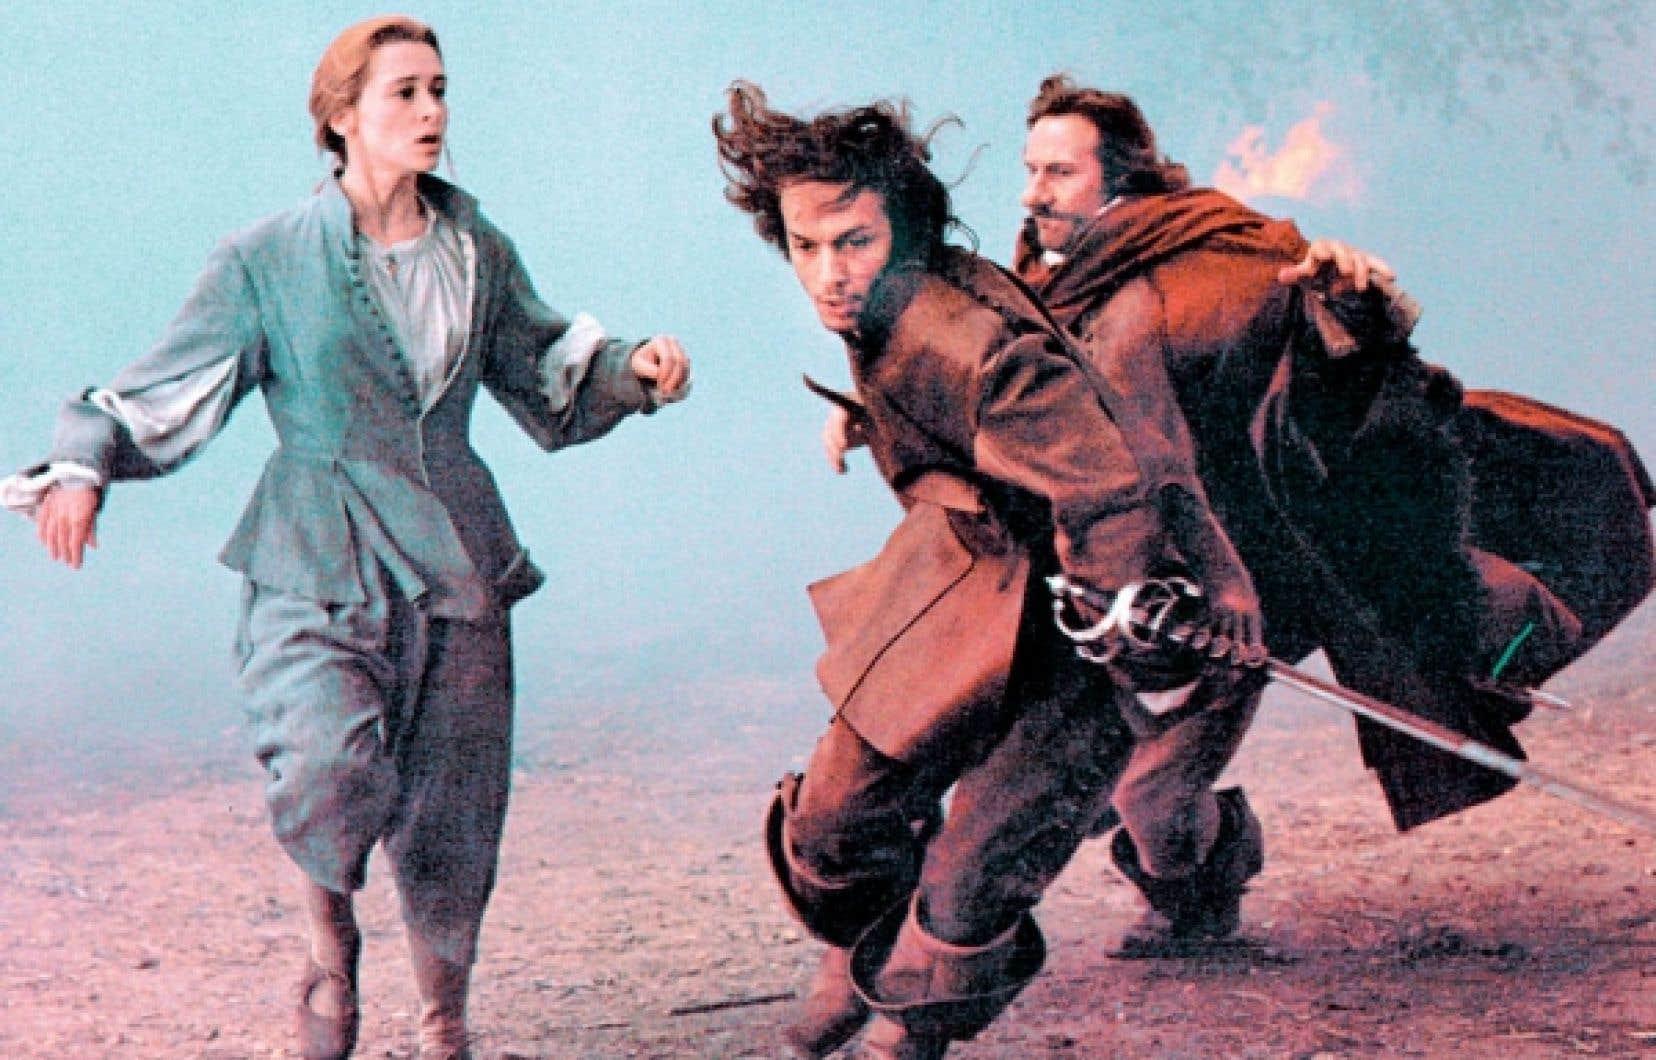 Une sc&egrave;ne de Cyrano de Bergerac, de Jean-Paul Rappeneau, avec en vedette G&eacute;rard Depardieu<br />